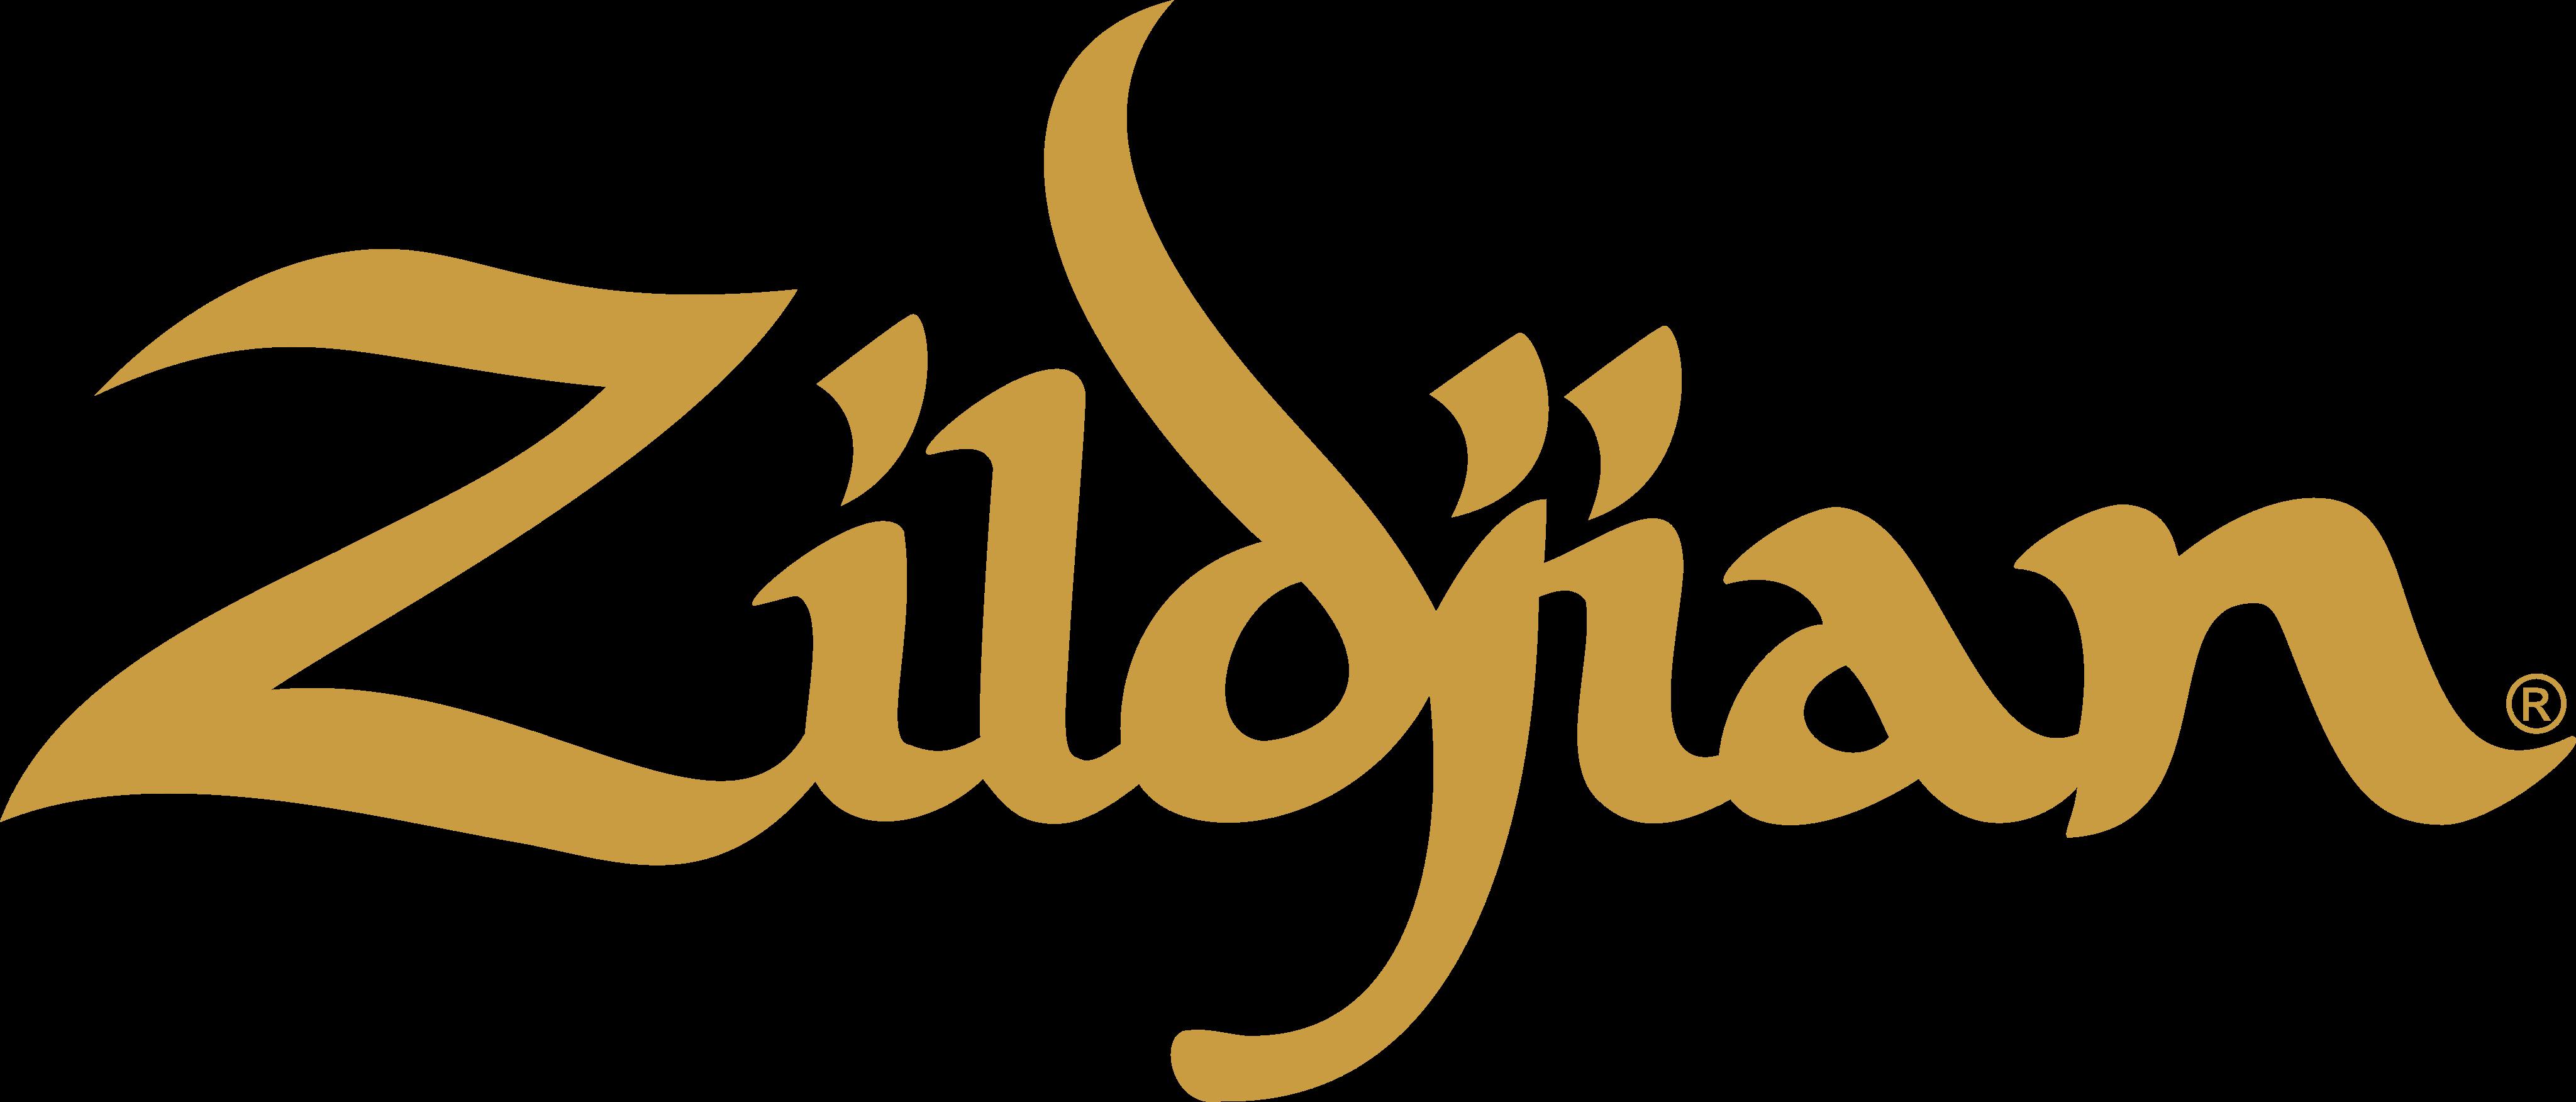 zildjian logo 1 1 - Zildjian Logo